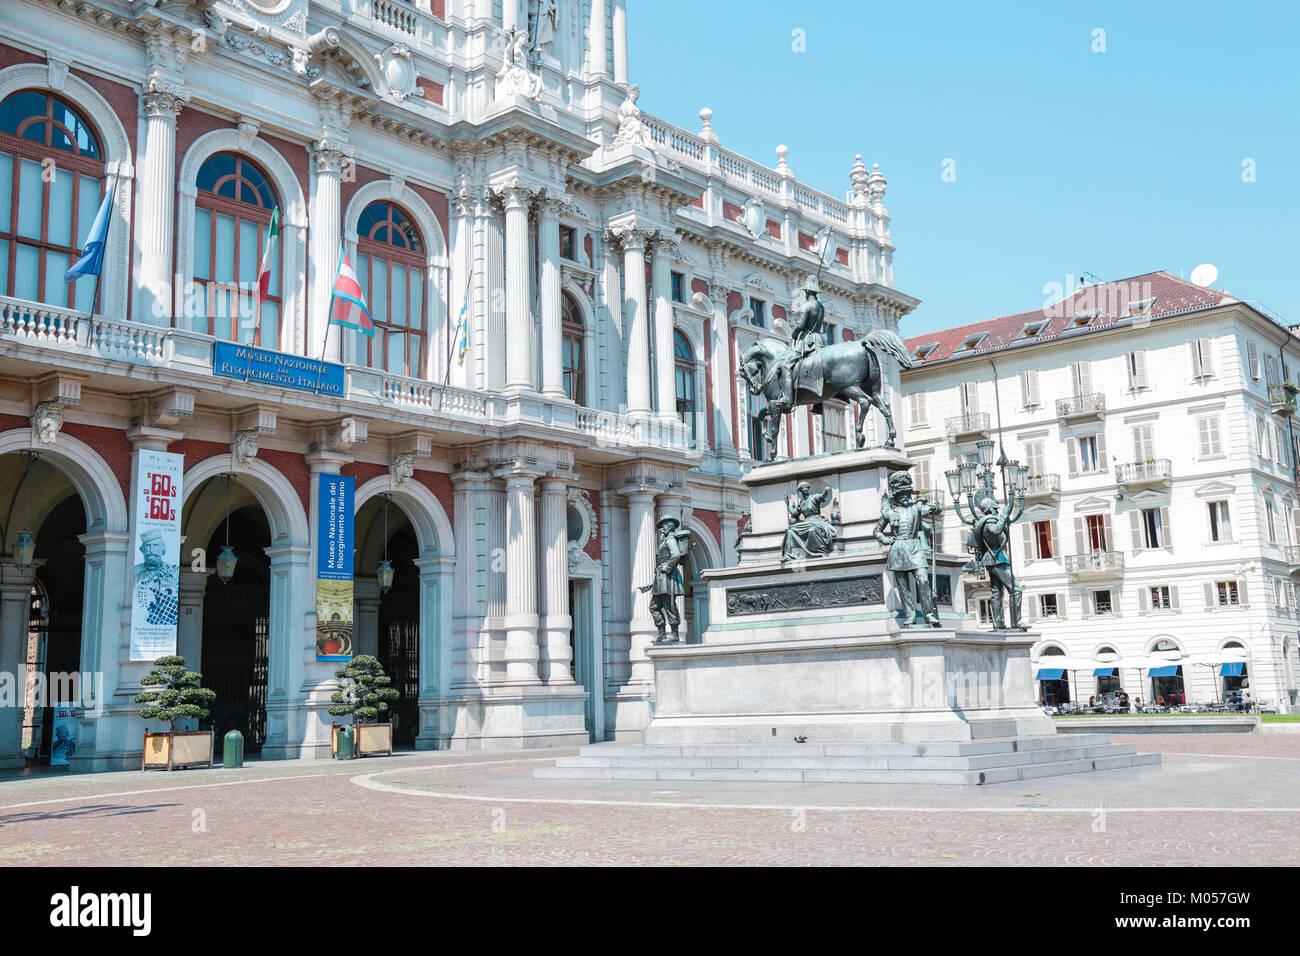 Museo Nazionale Del Risorgimento Italiano.Turin Italy Museo Del Risorgimento Italiano And Historical Palaces